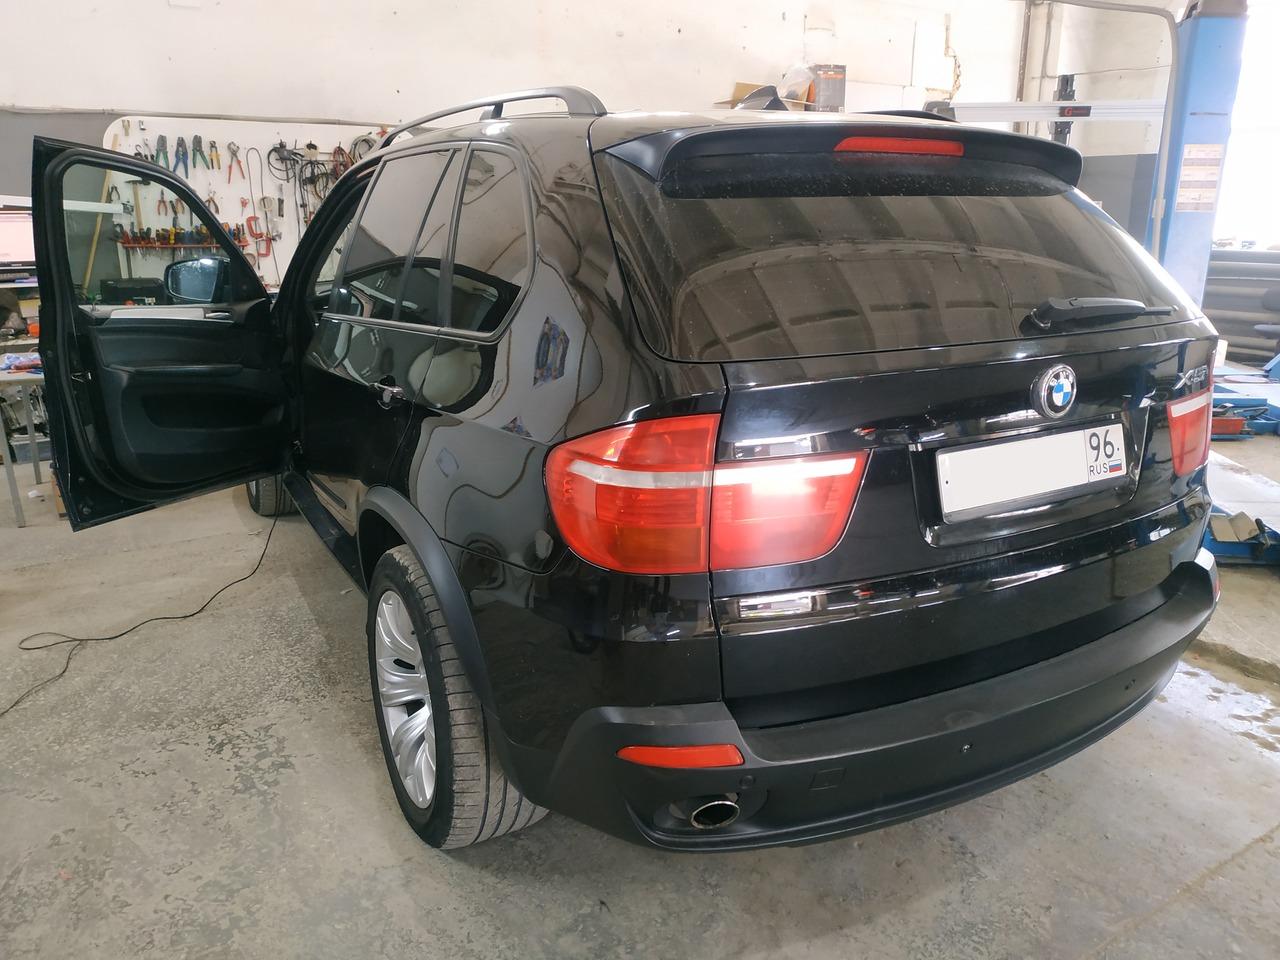 BMW E70 X5 30d 2008, вид сзади